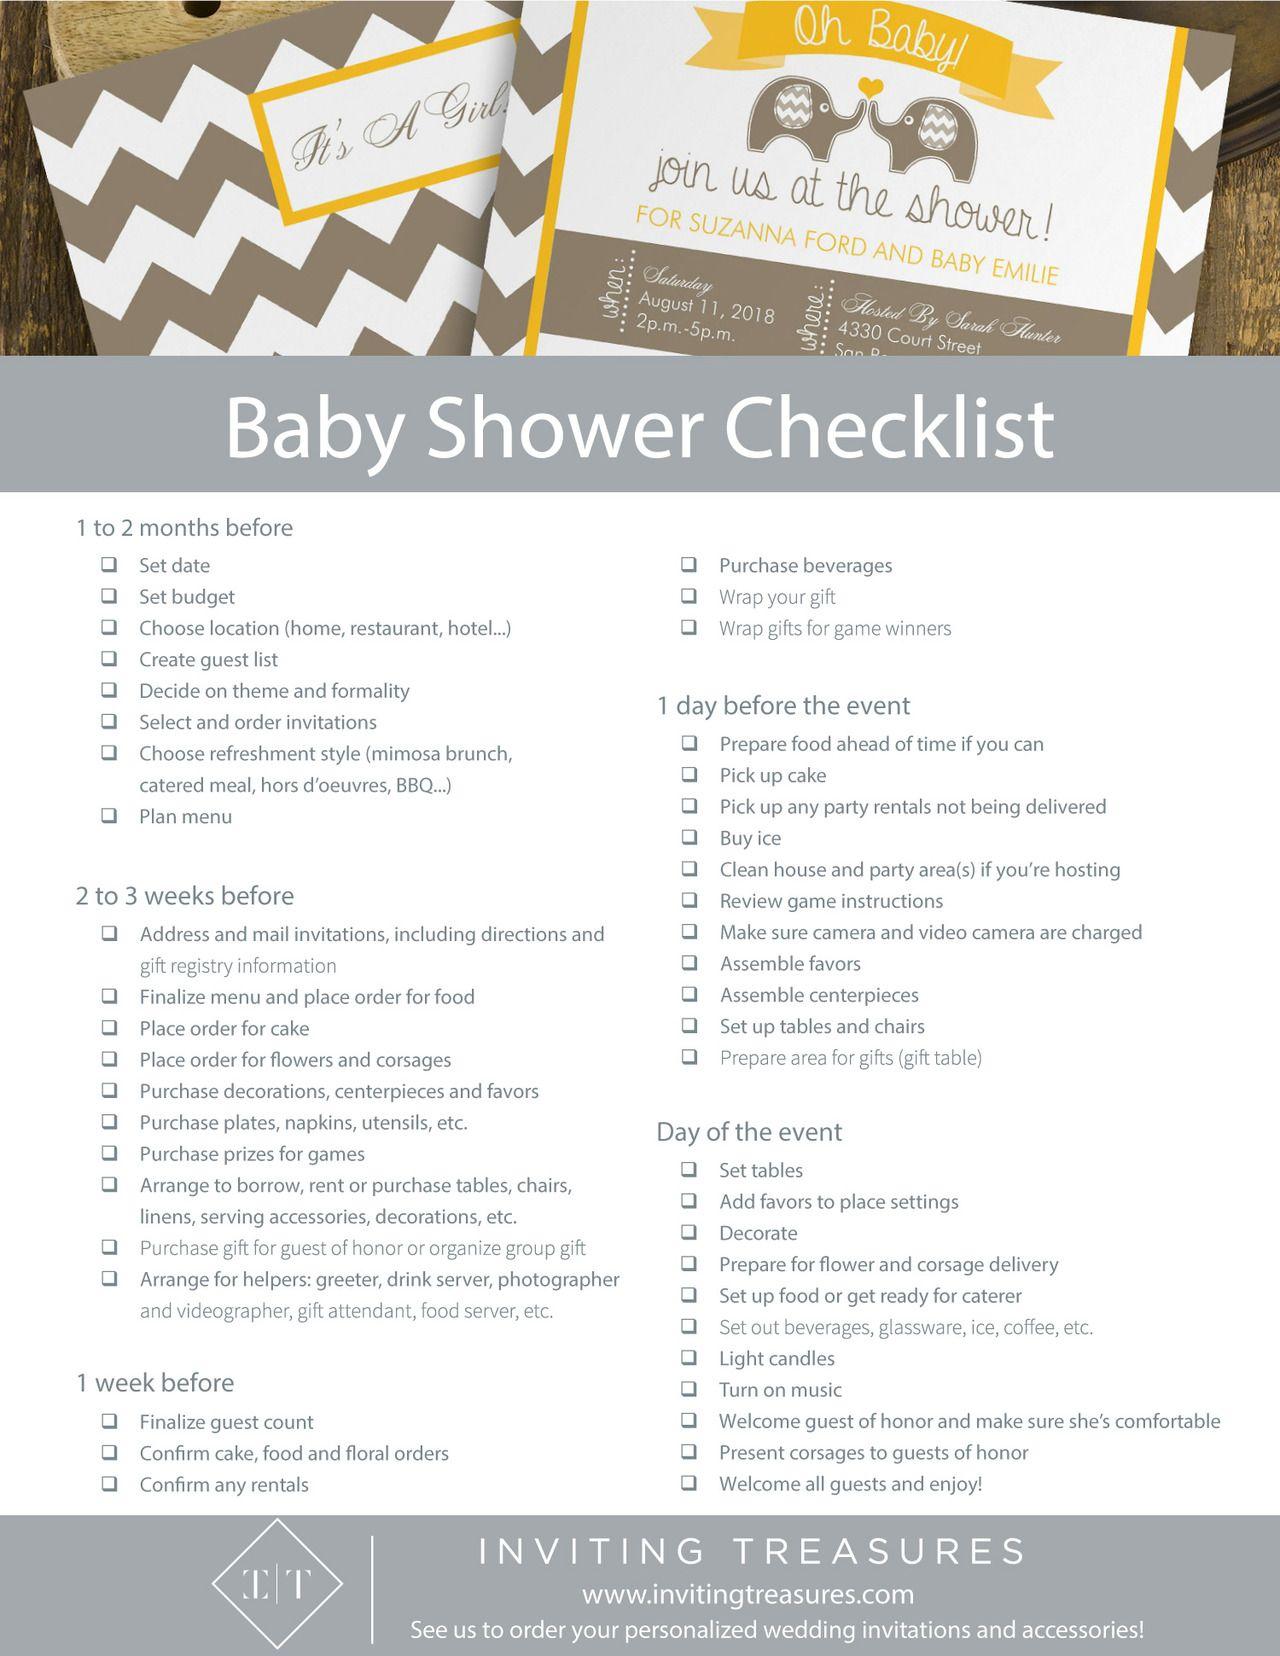 baby shower planning timeline checklist